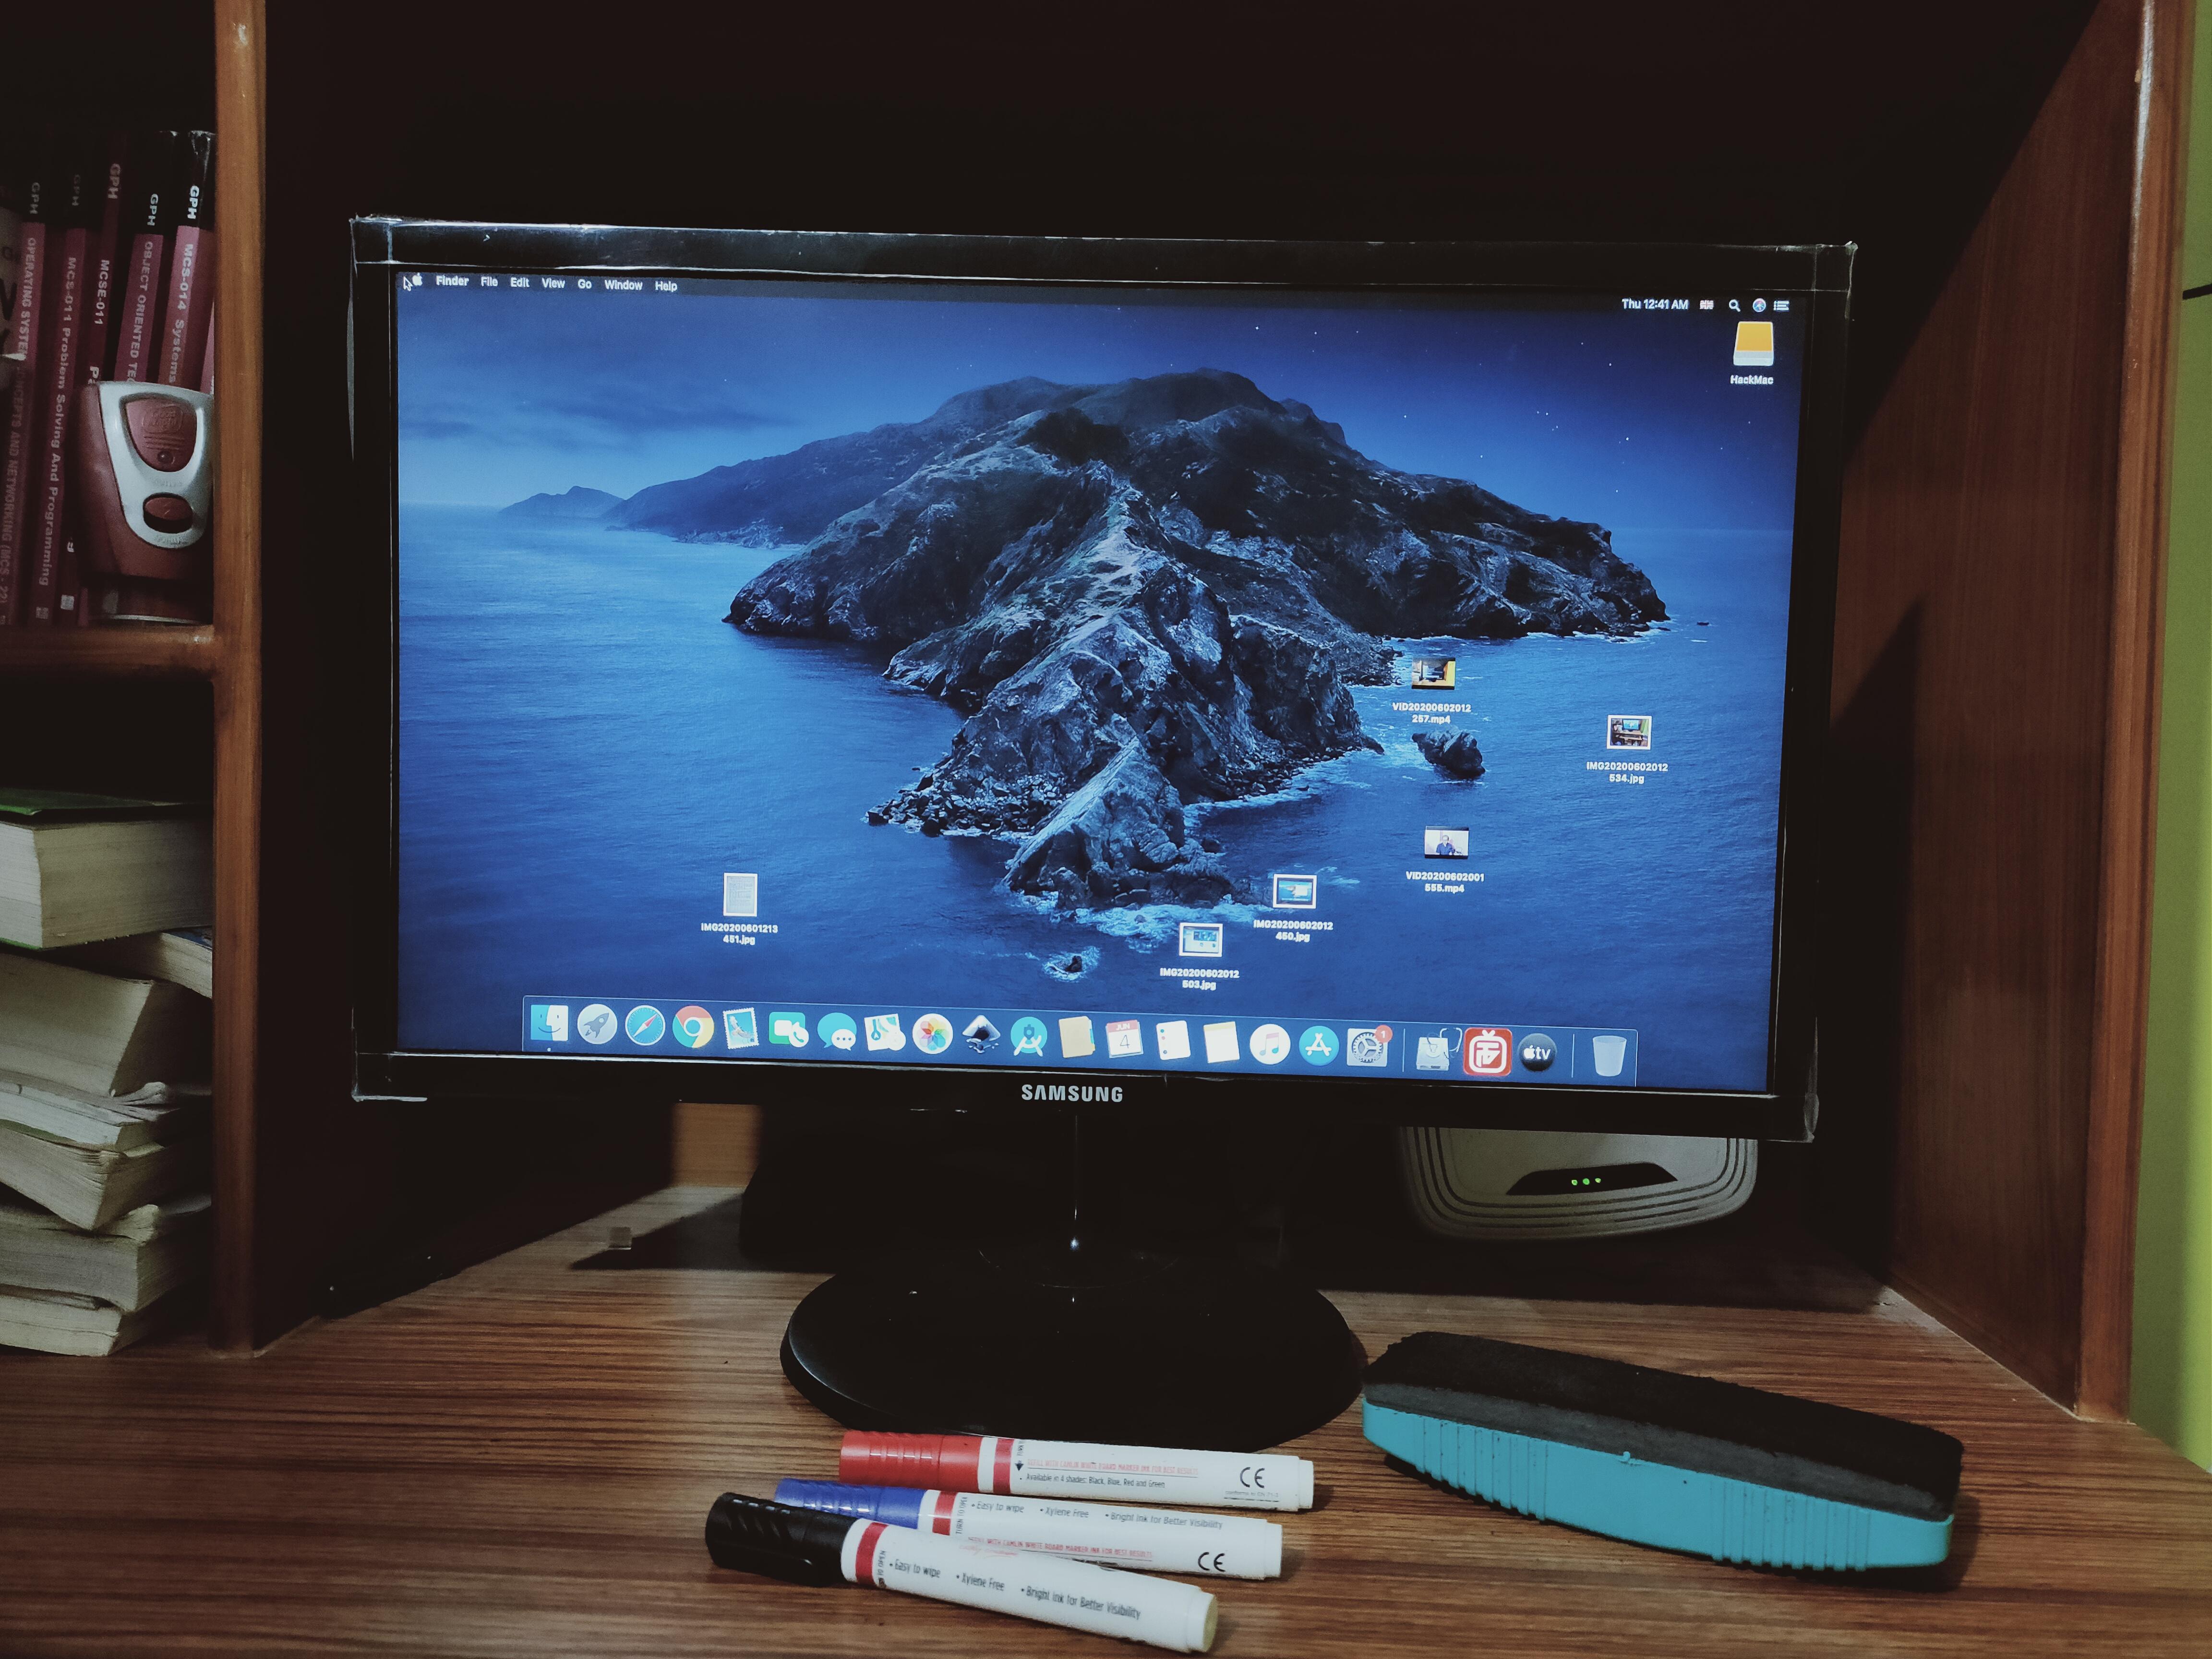 Let's build a perfect hackintosh Desktop!